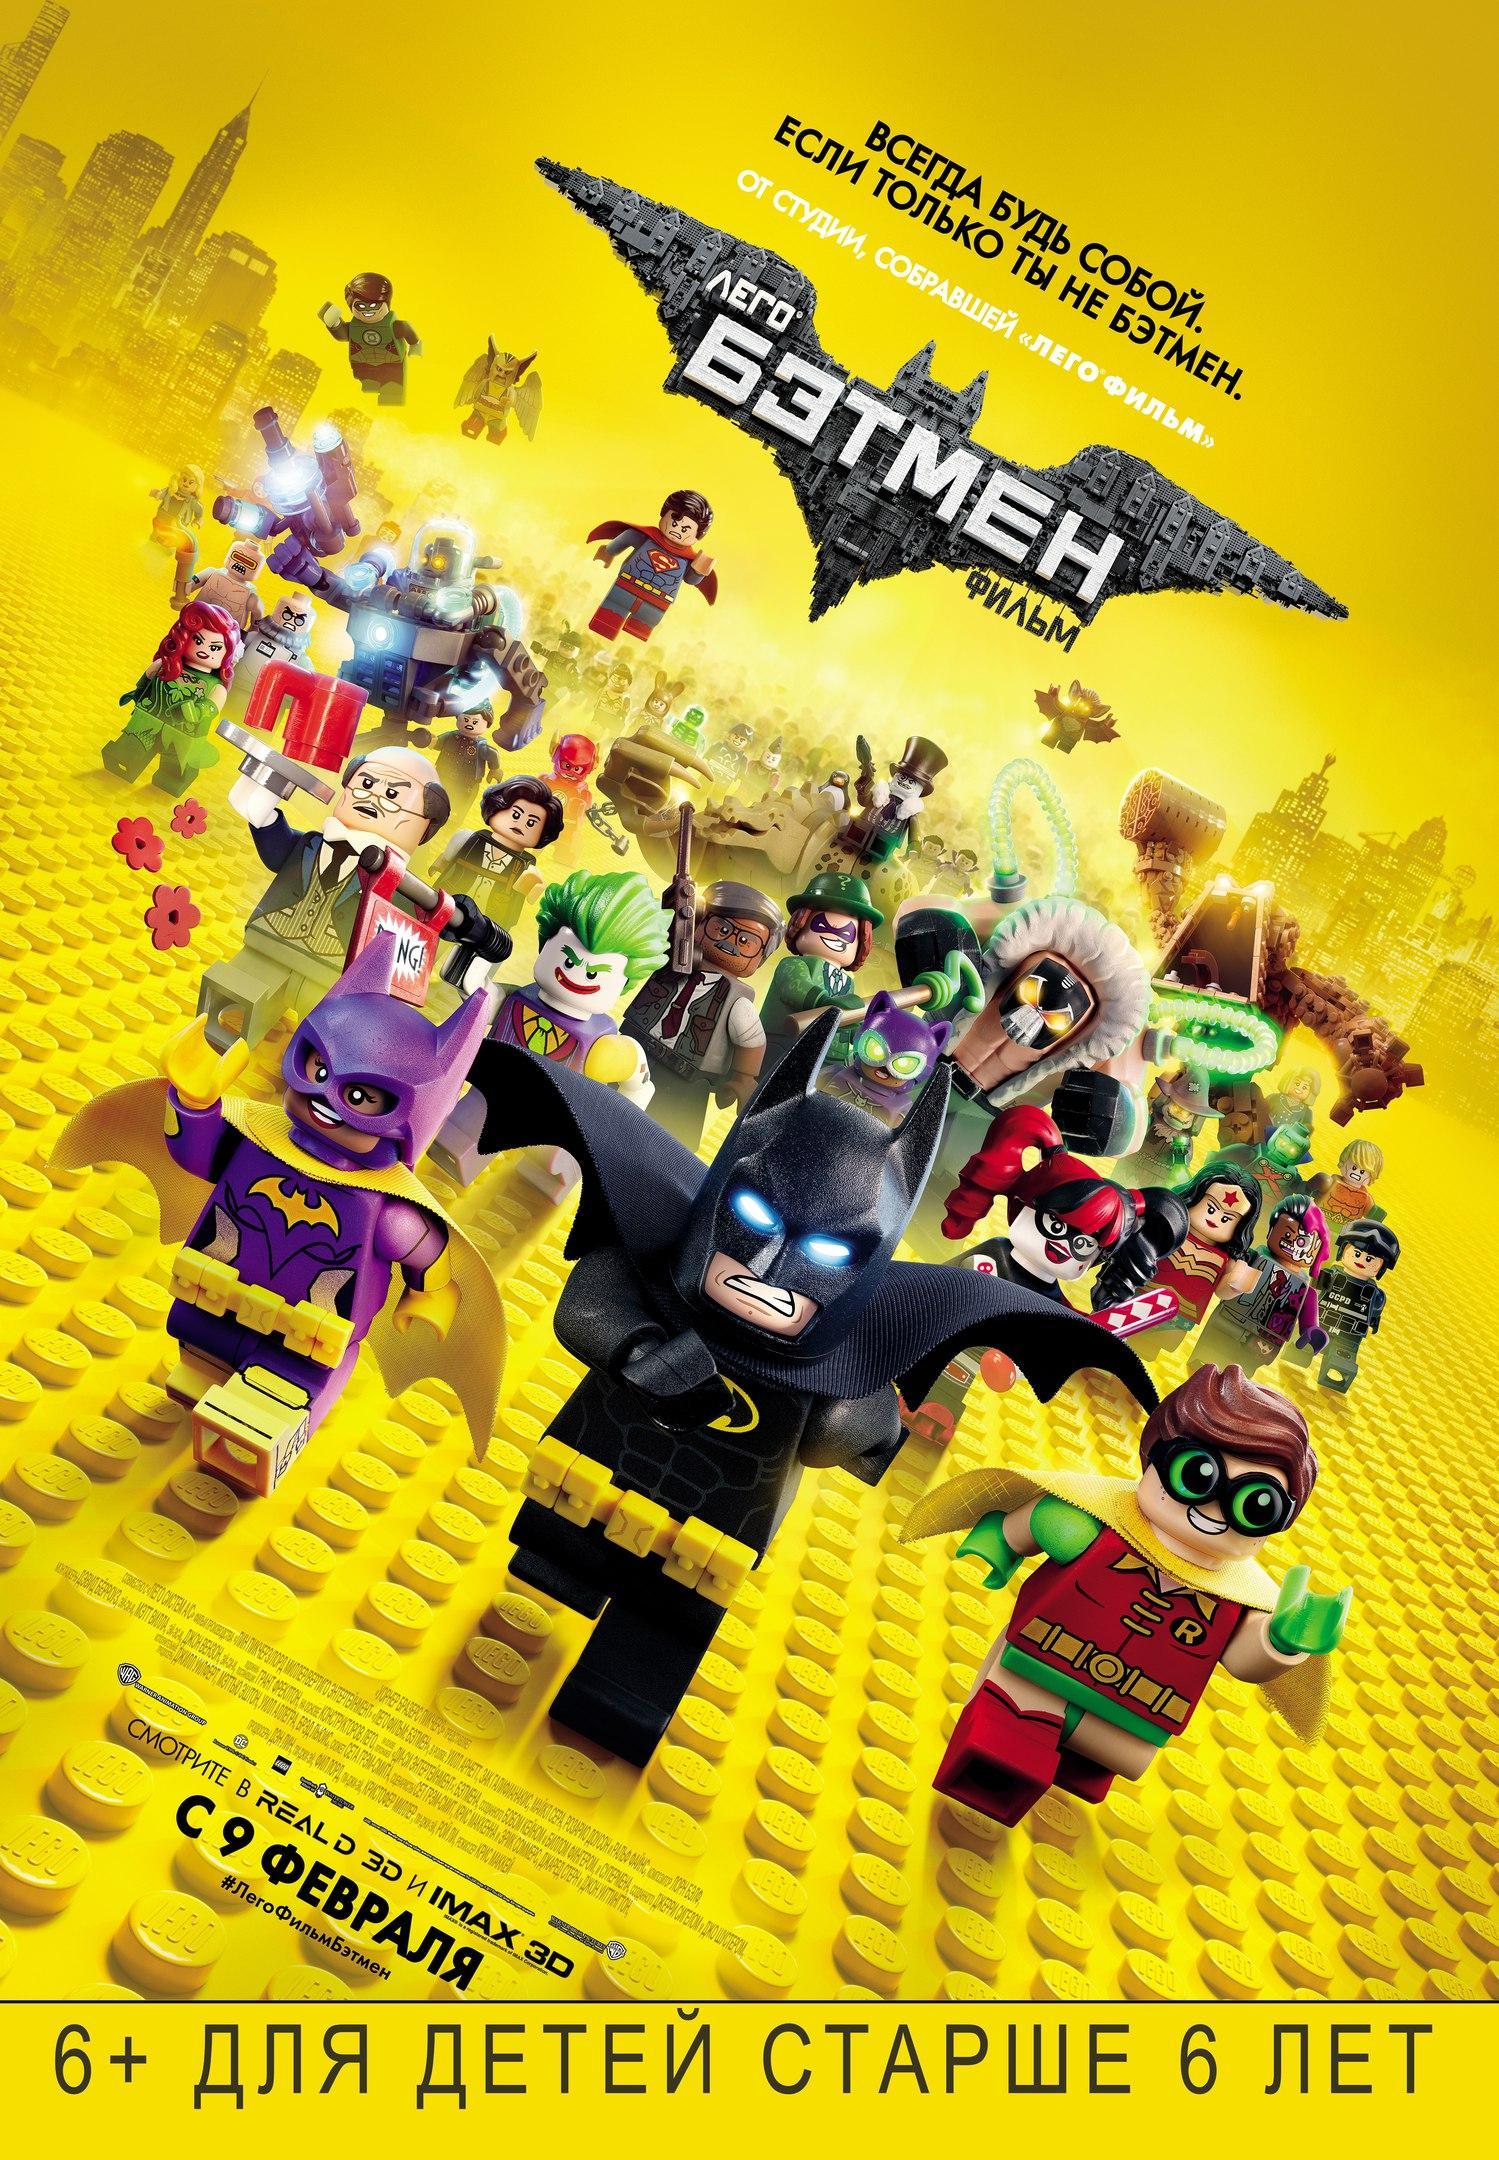 Лего Фильм. Бэтмен